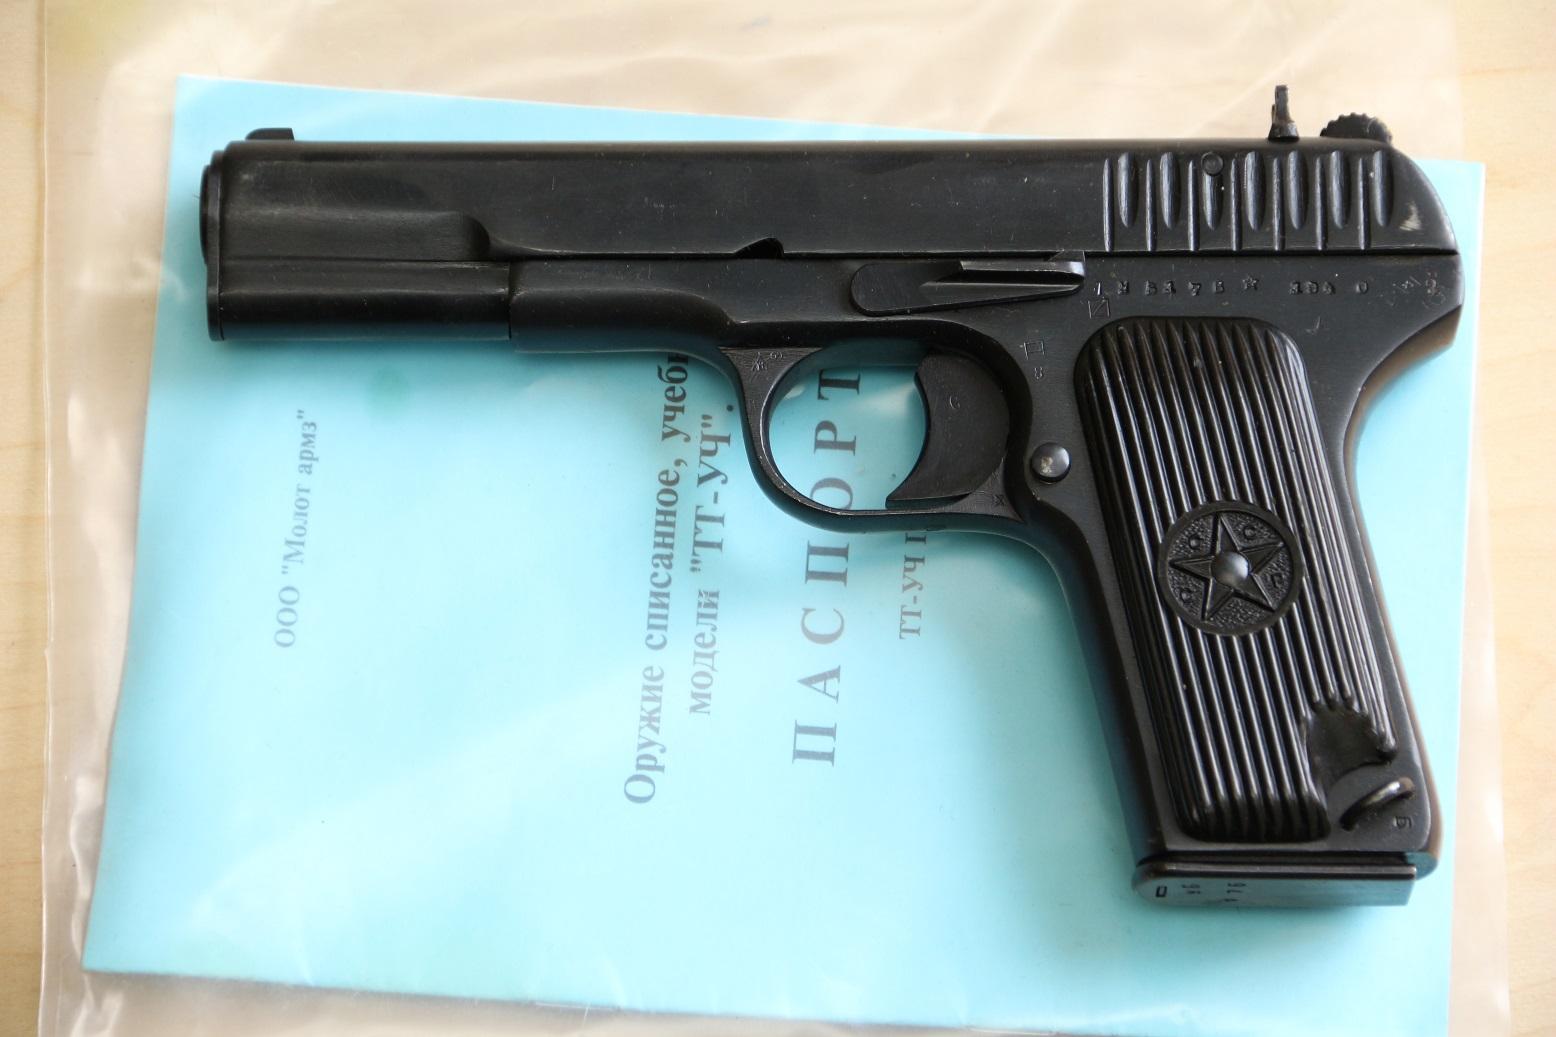 Пистолет ТТ-УЧ Молот Армз, 1940 год, №УБ276